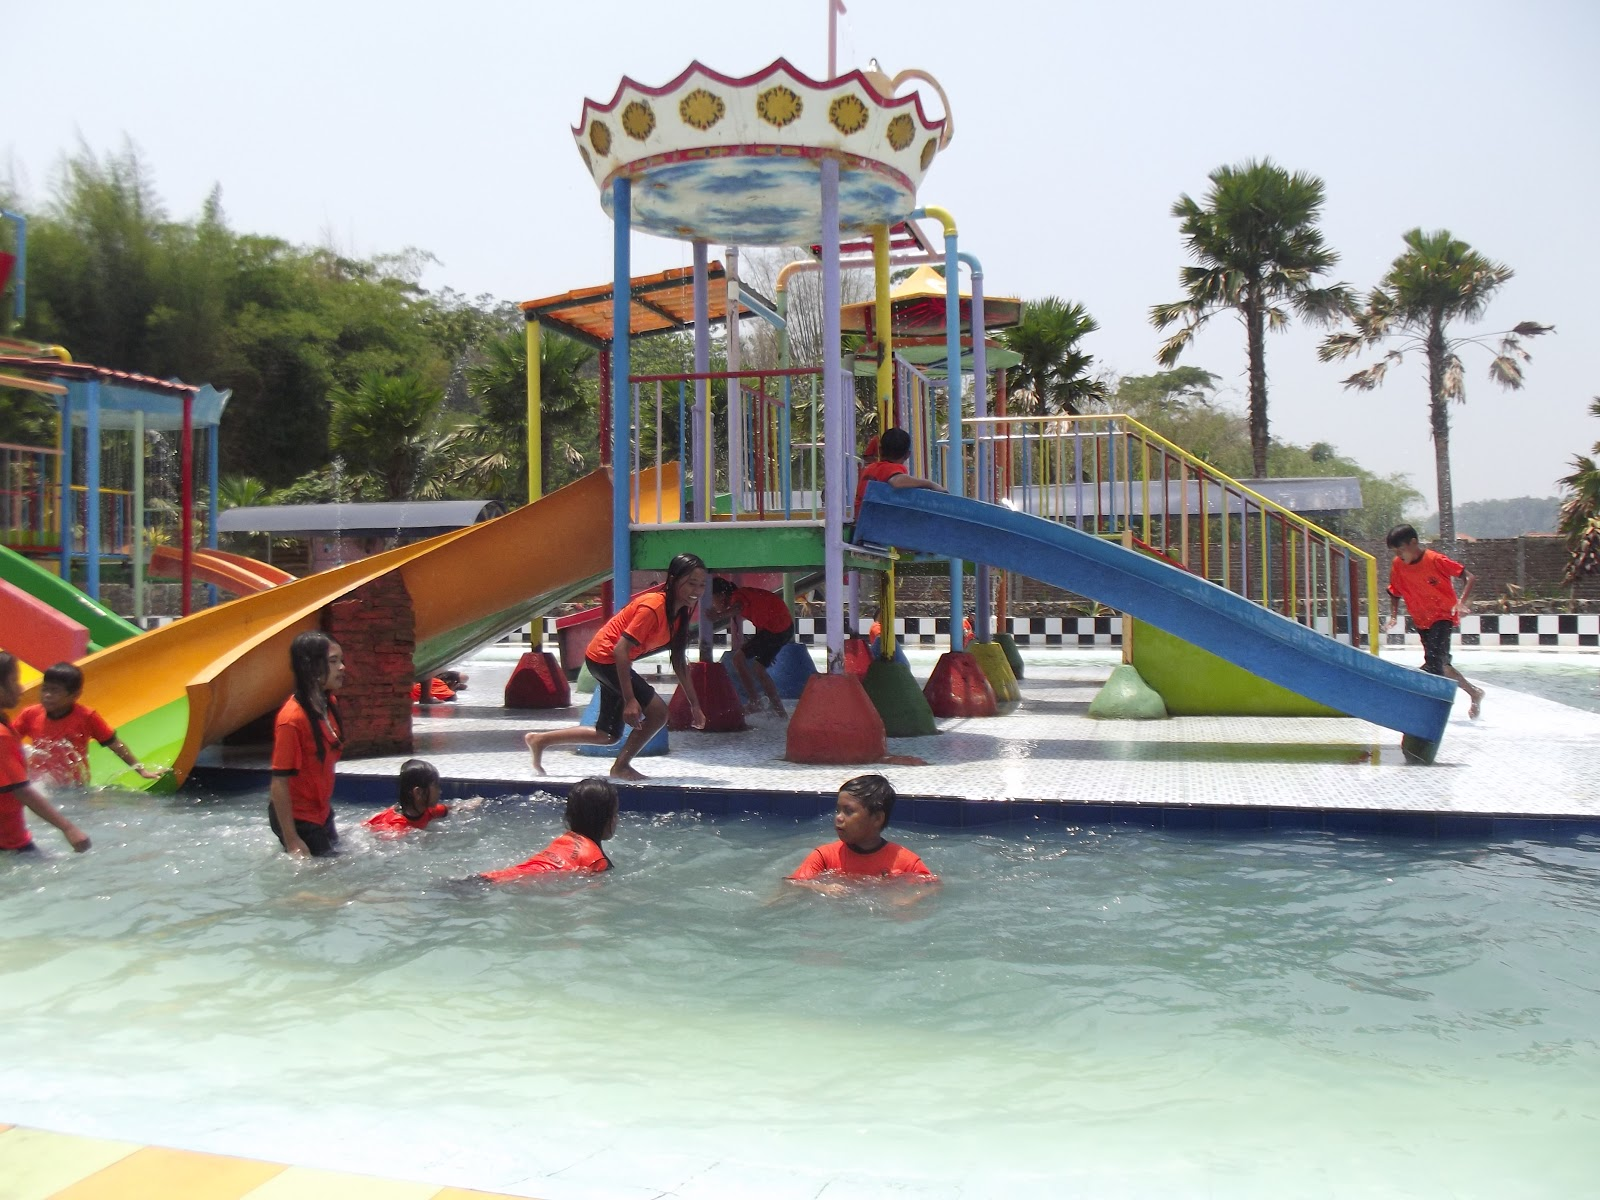 Profile Tiara Jember Park Menikmati Fasilitas Lain Wahana Bianglala Perahu